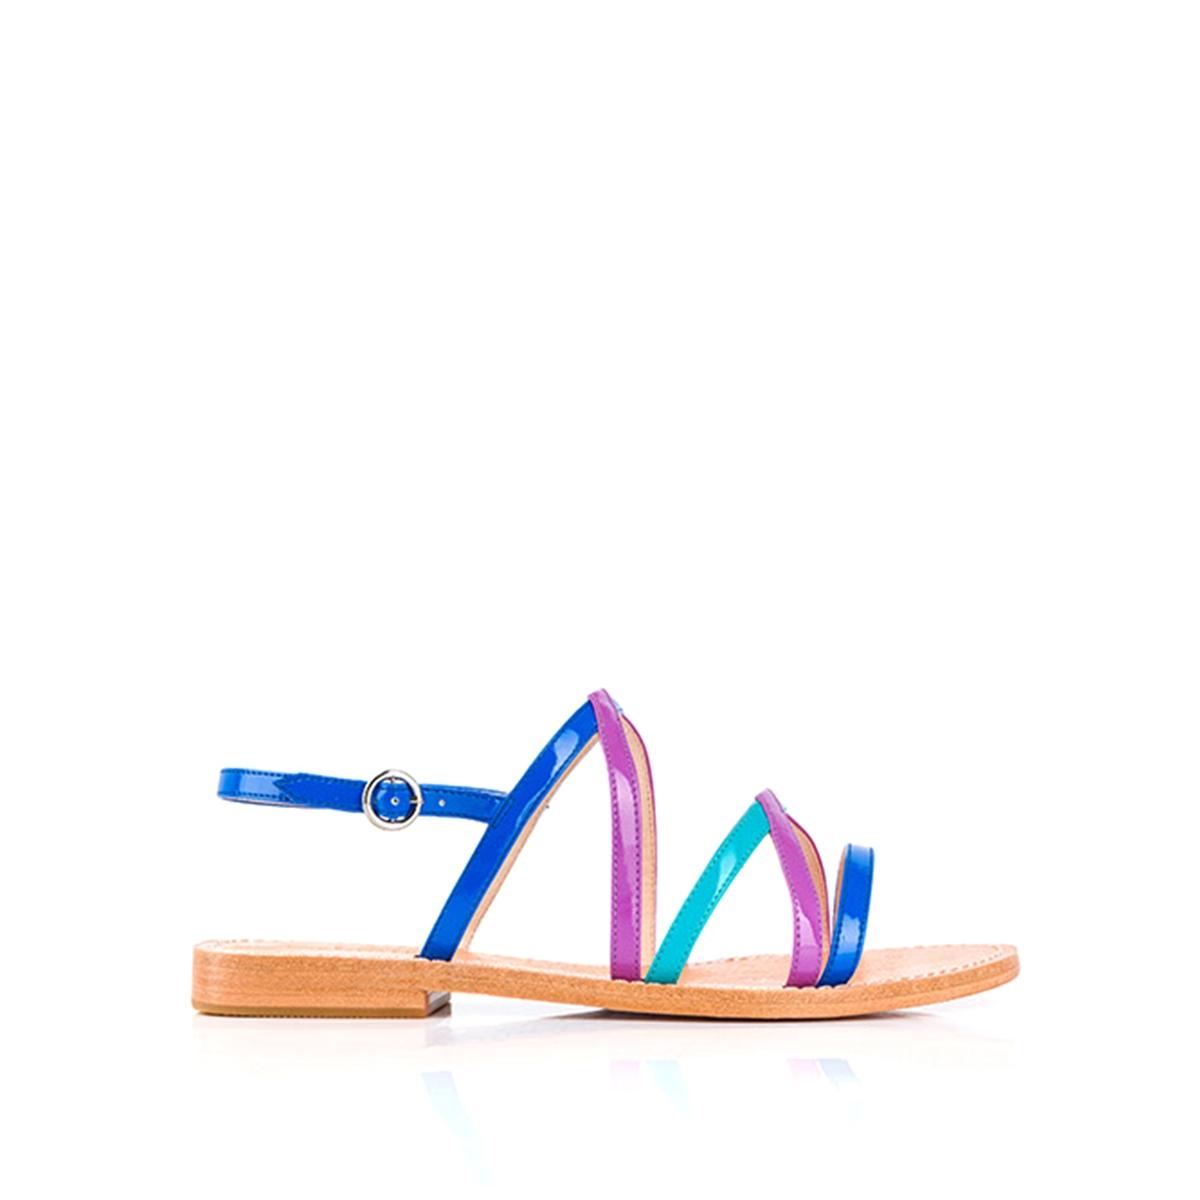 Босоножки BalentineВерх: полиуретан.Подкладка: кожа.  Стелька: кожа.  Подошва: синтетика.Высота каблука: 1 см.  Форма каблука: плоский каблук.Мысок: закругленный.  Застежка: пряжка.<br><br>Цвет: синий+фиолетовый